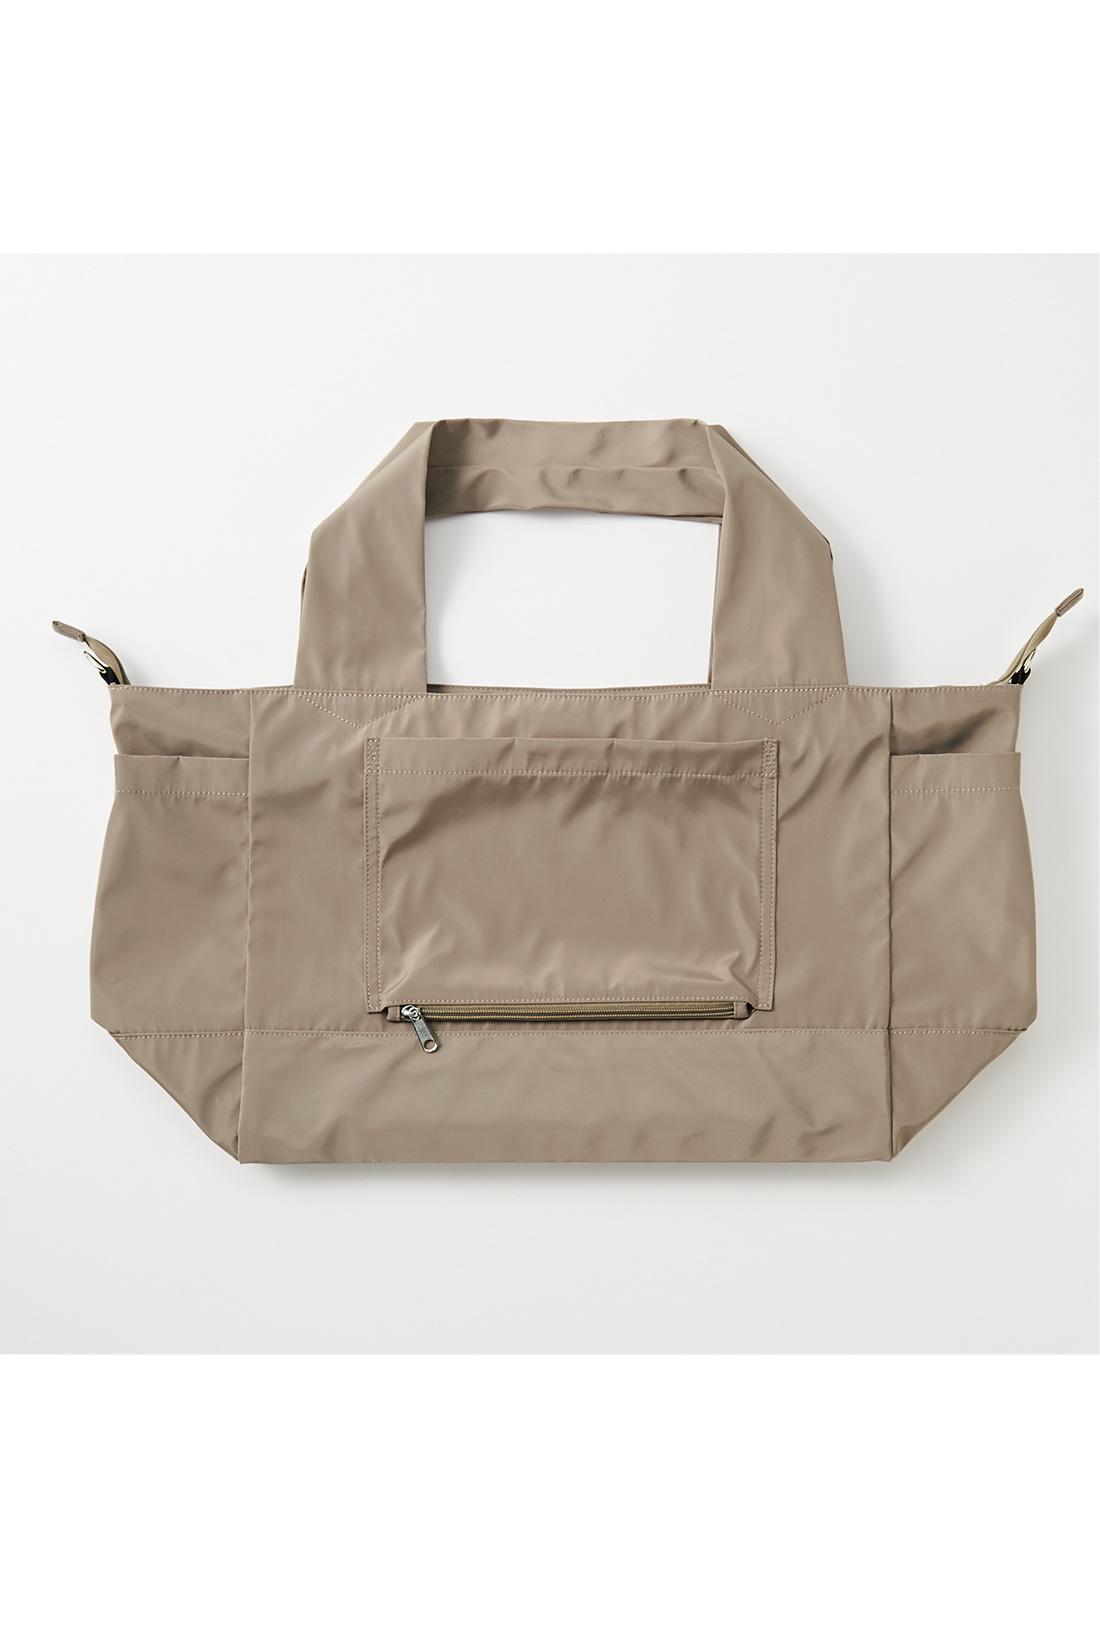 使わないときはぺたんとたたんで、おみやげ用のバッグとしてスーツケースに忍ばせておいても◎。 ※お届けするカラーとは異なります。